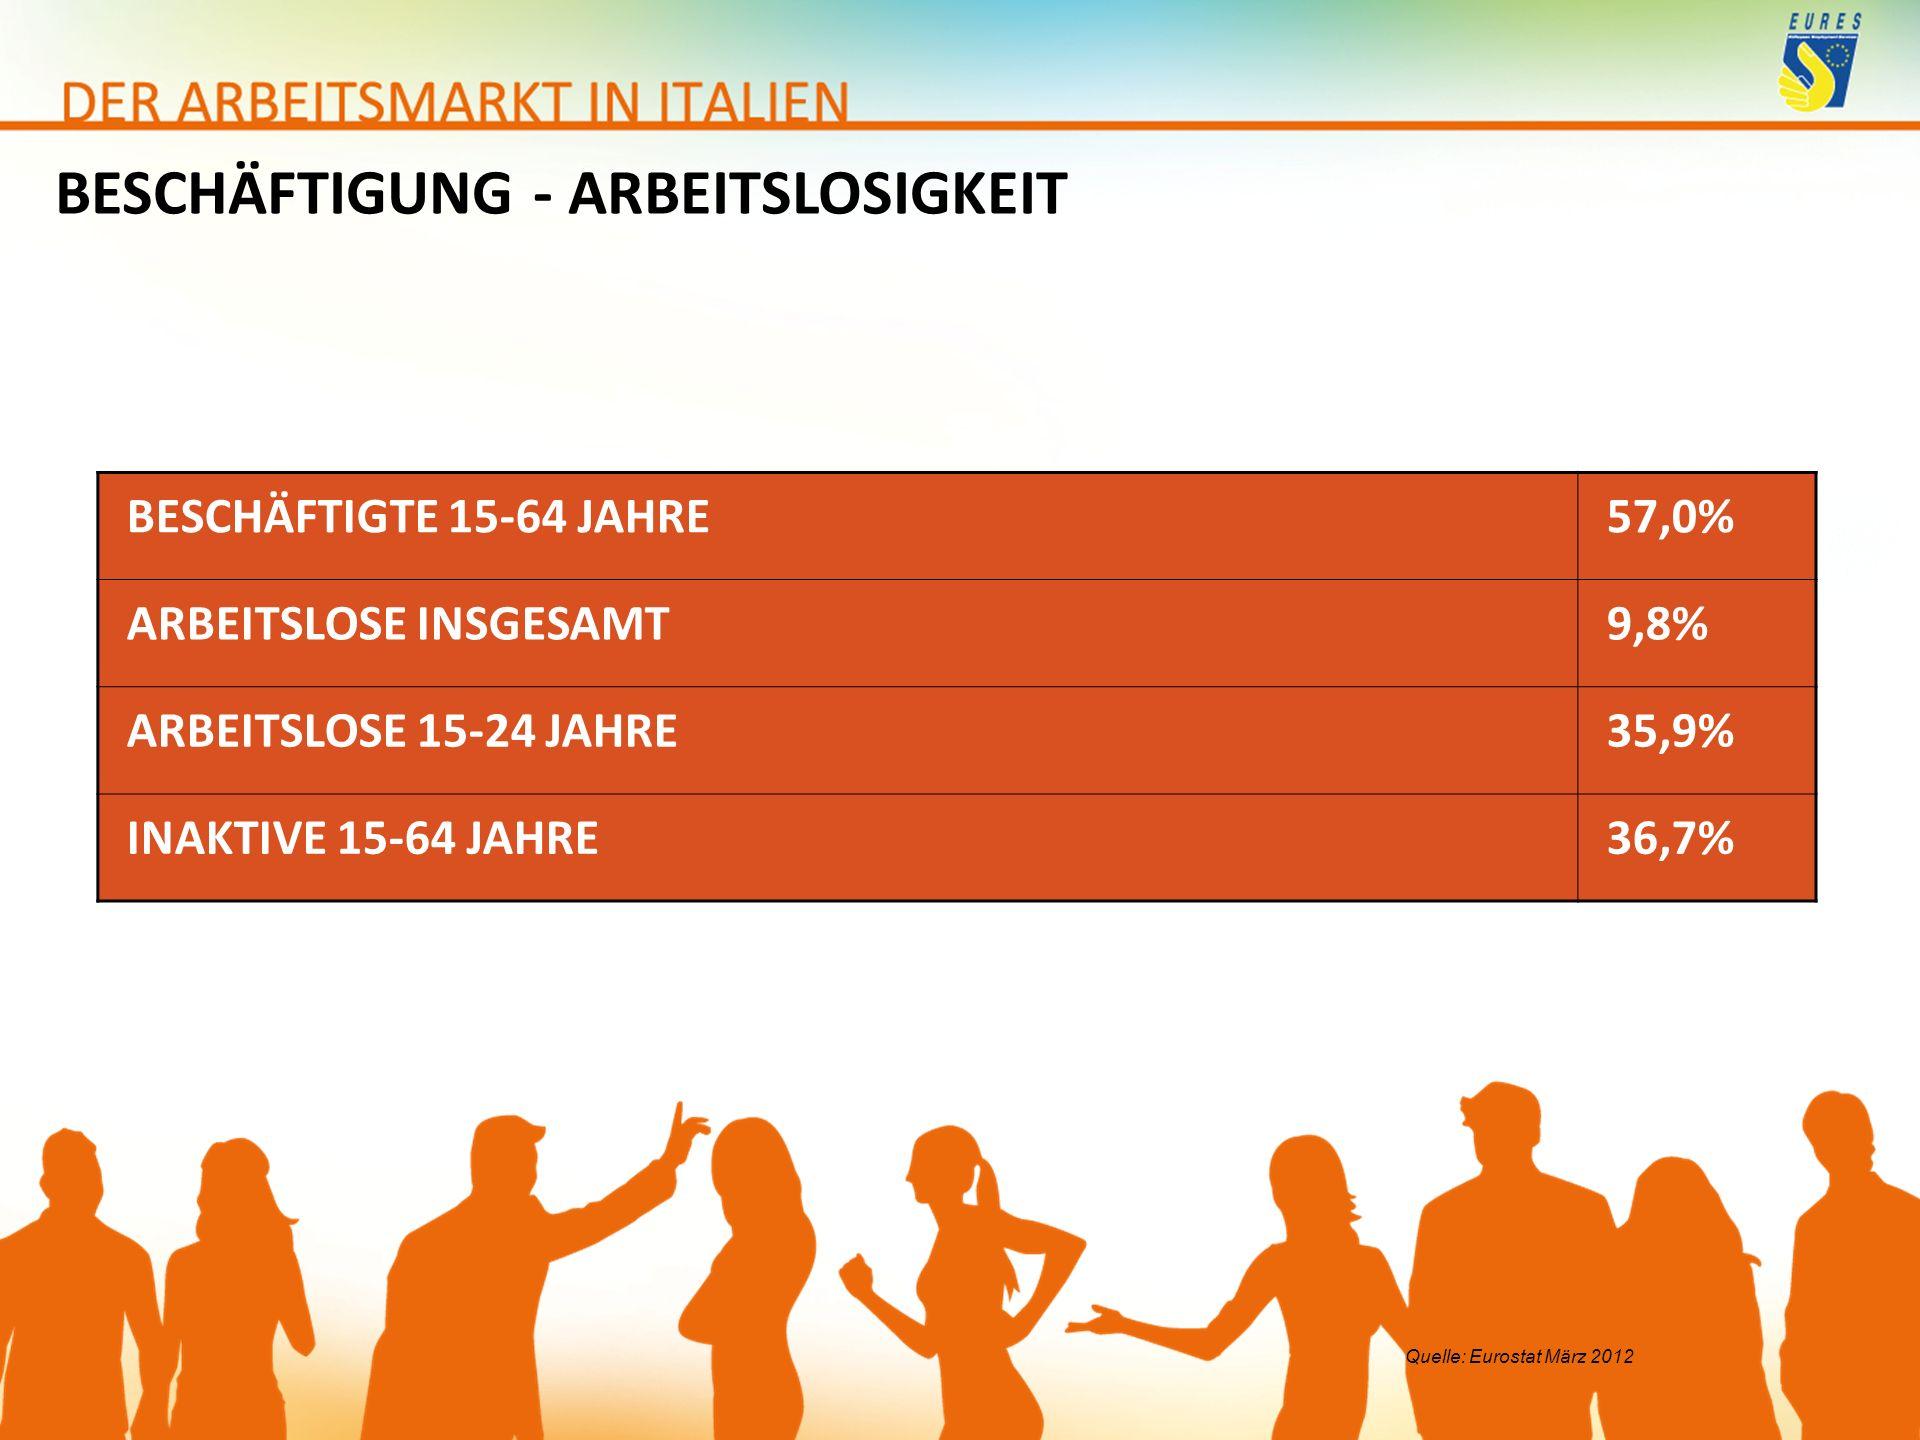 BESCHÄFTIGTE 15-64 JAHRE57,0% ARBEITSLOSE INSGESAMT9,8% ARBEITSLOSE 15-24 JAHRE35,9% INAKTIVE 15-64 JAHRE36,7% BESCHÄFTIGUNG - ARBEITSLOSIGKEIT Quelle: Eurostat März 2012